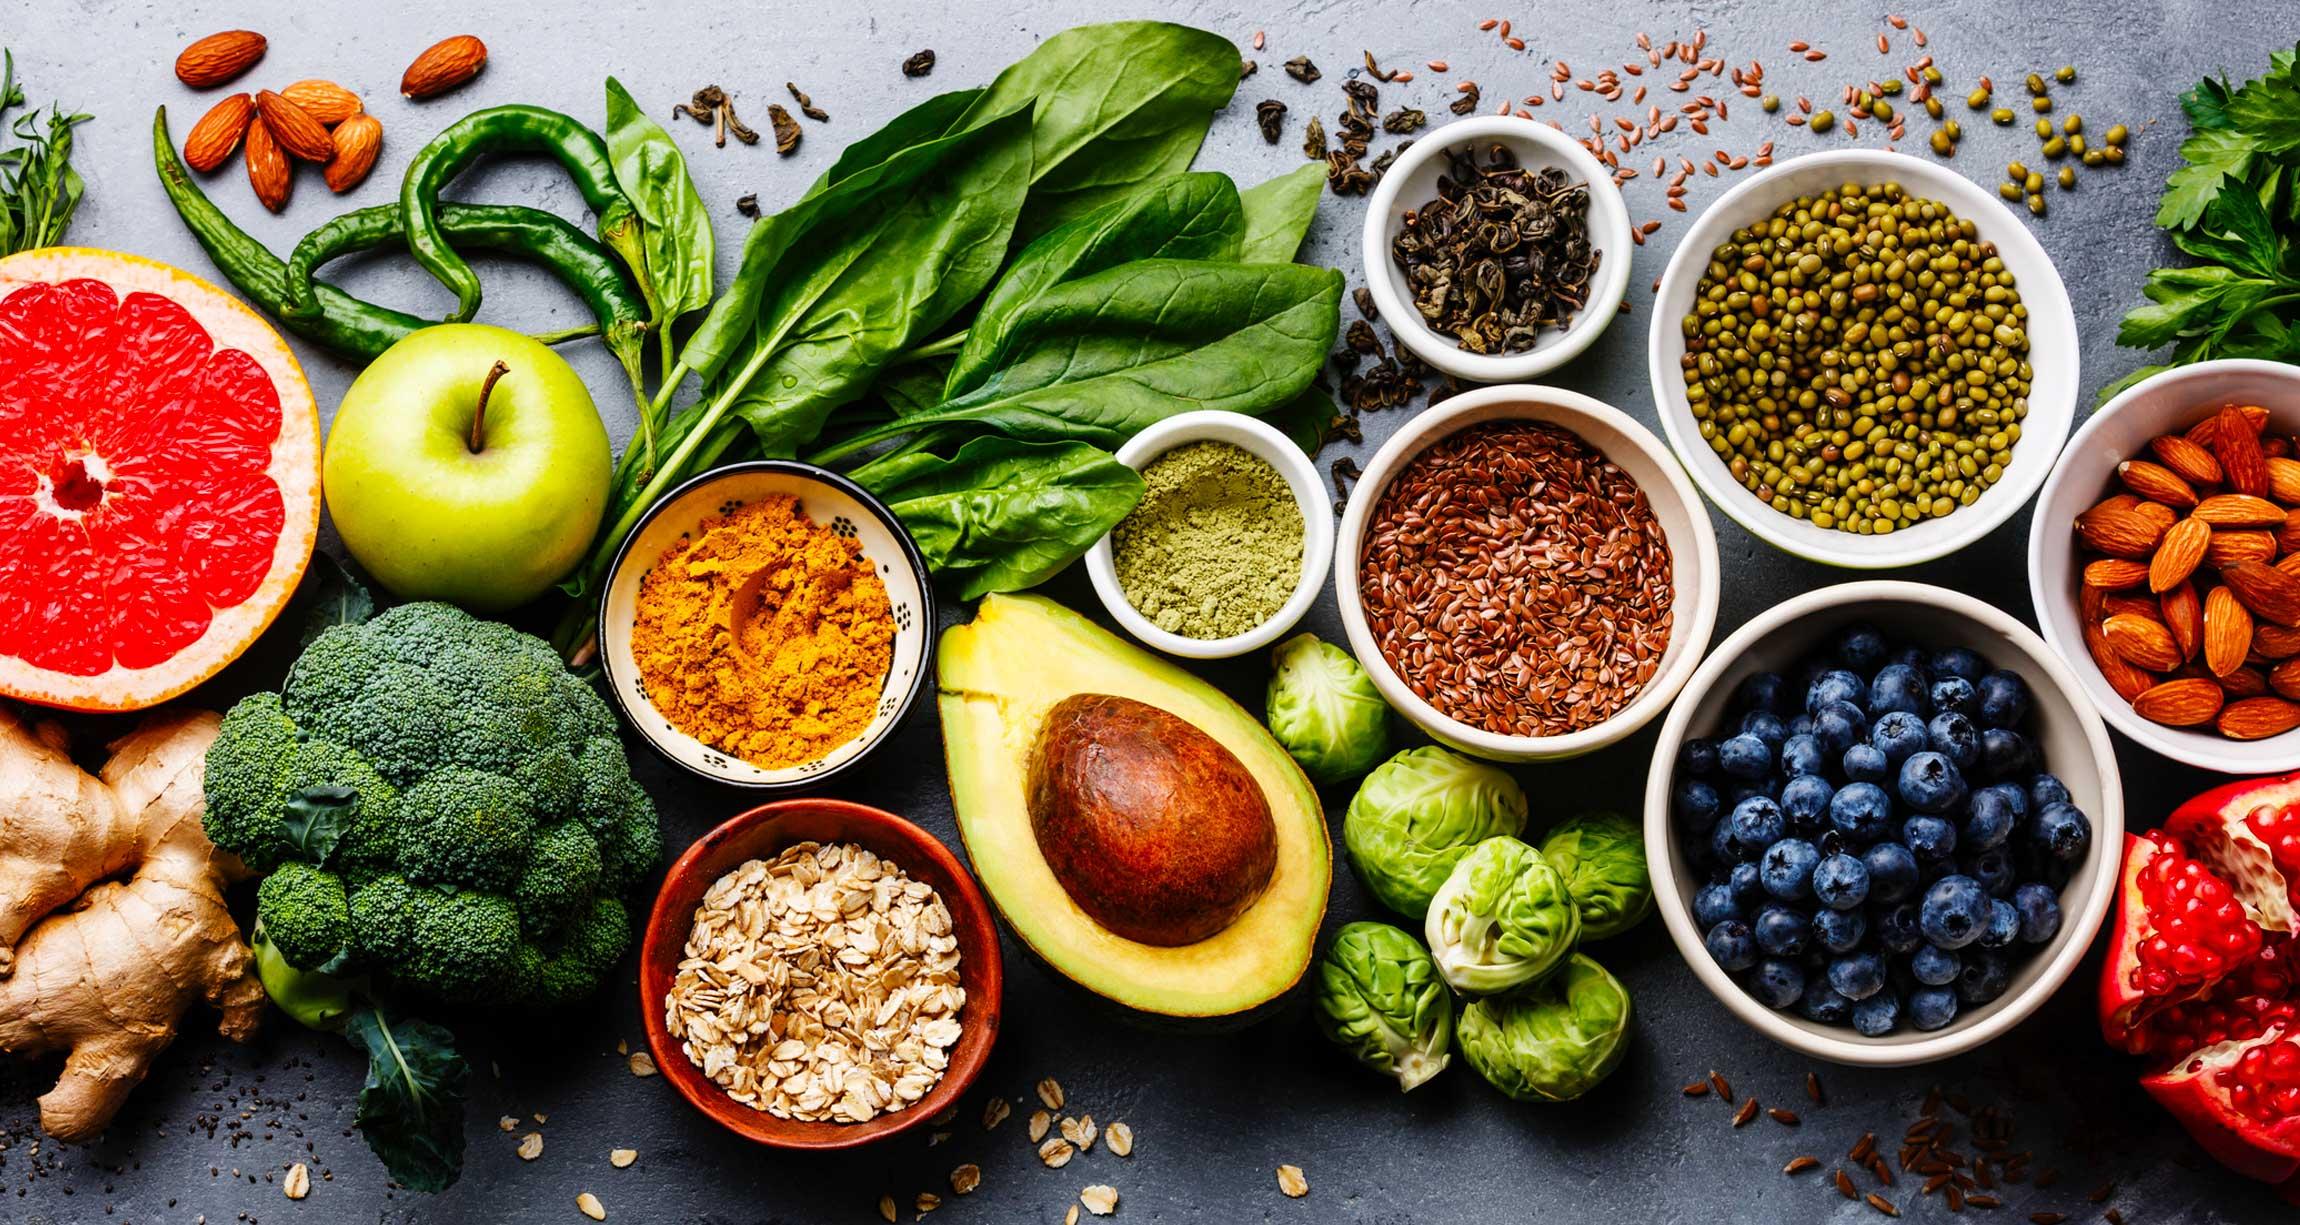 Choose Healthy Foods